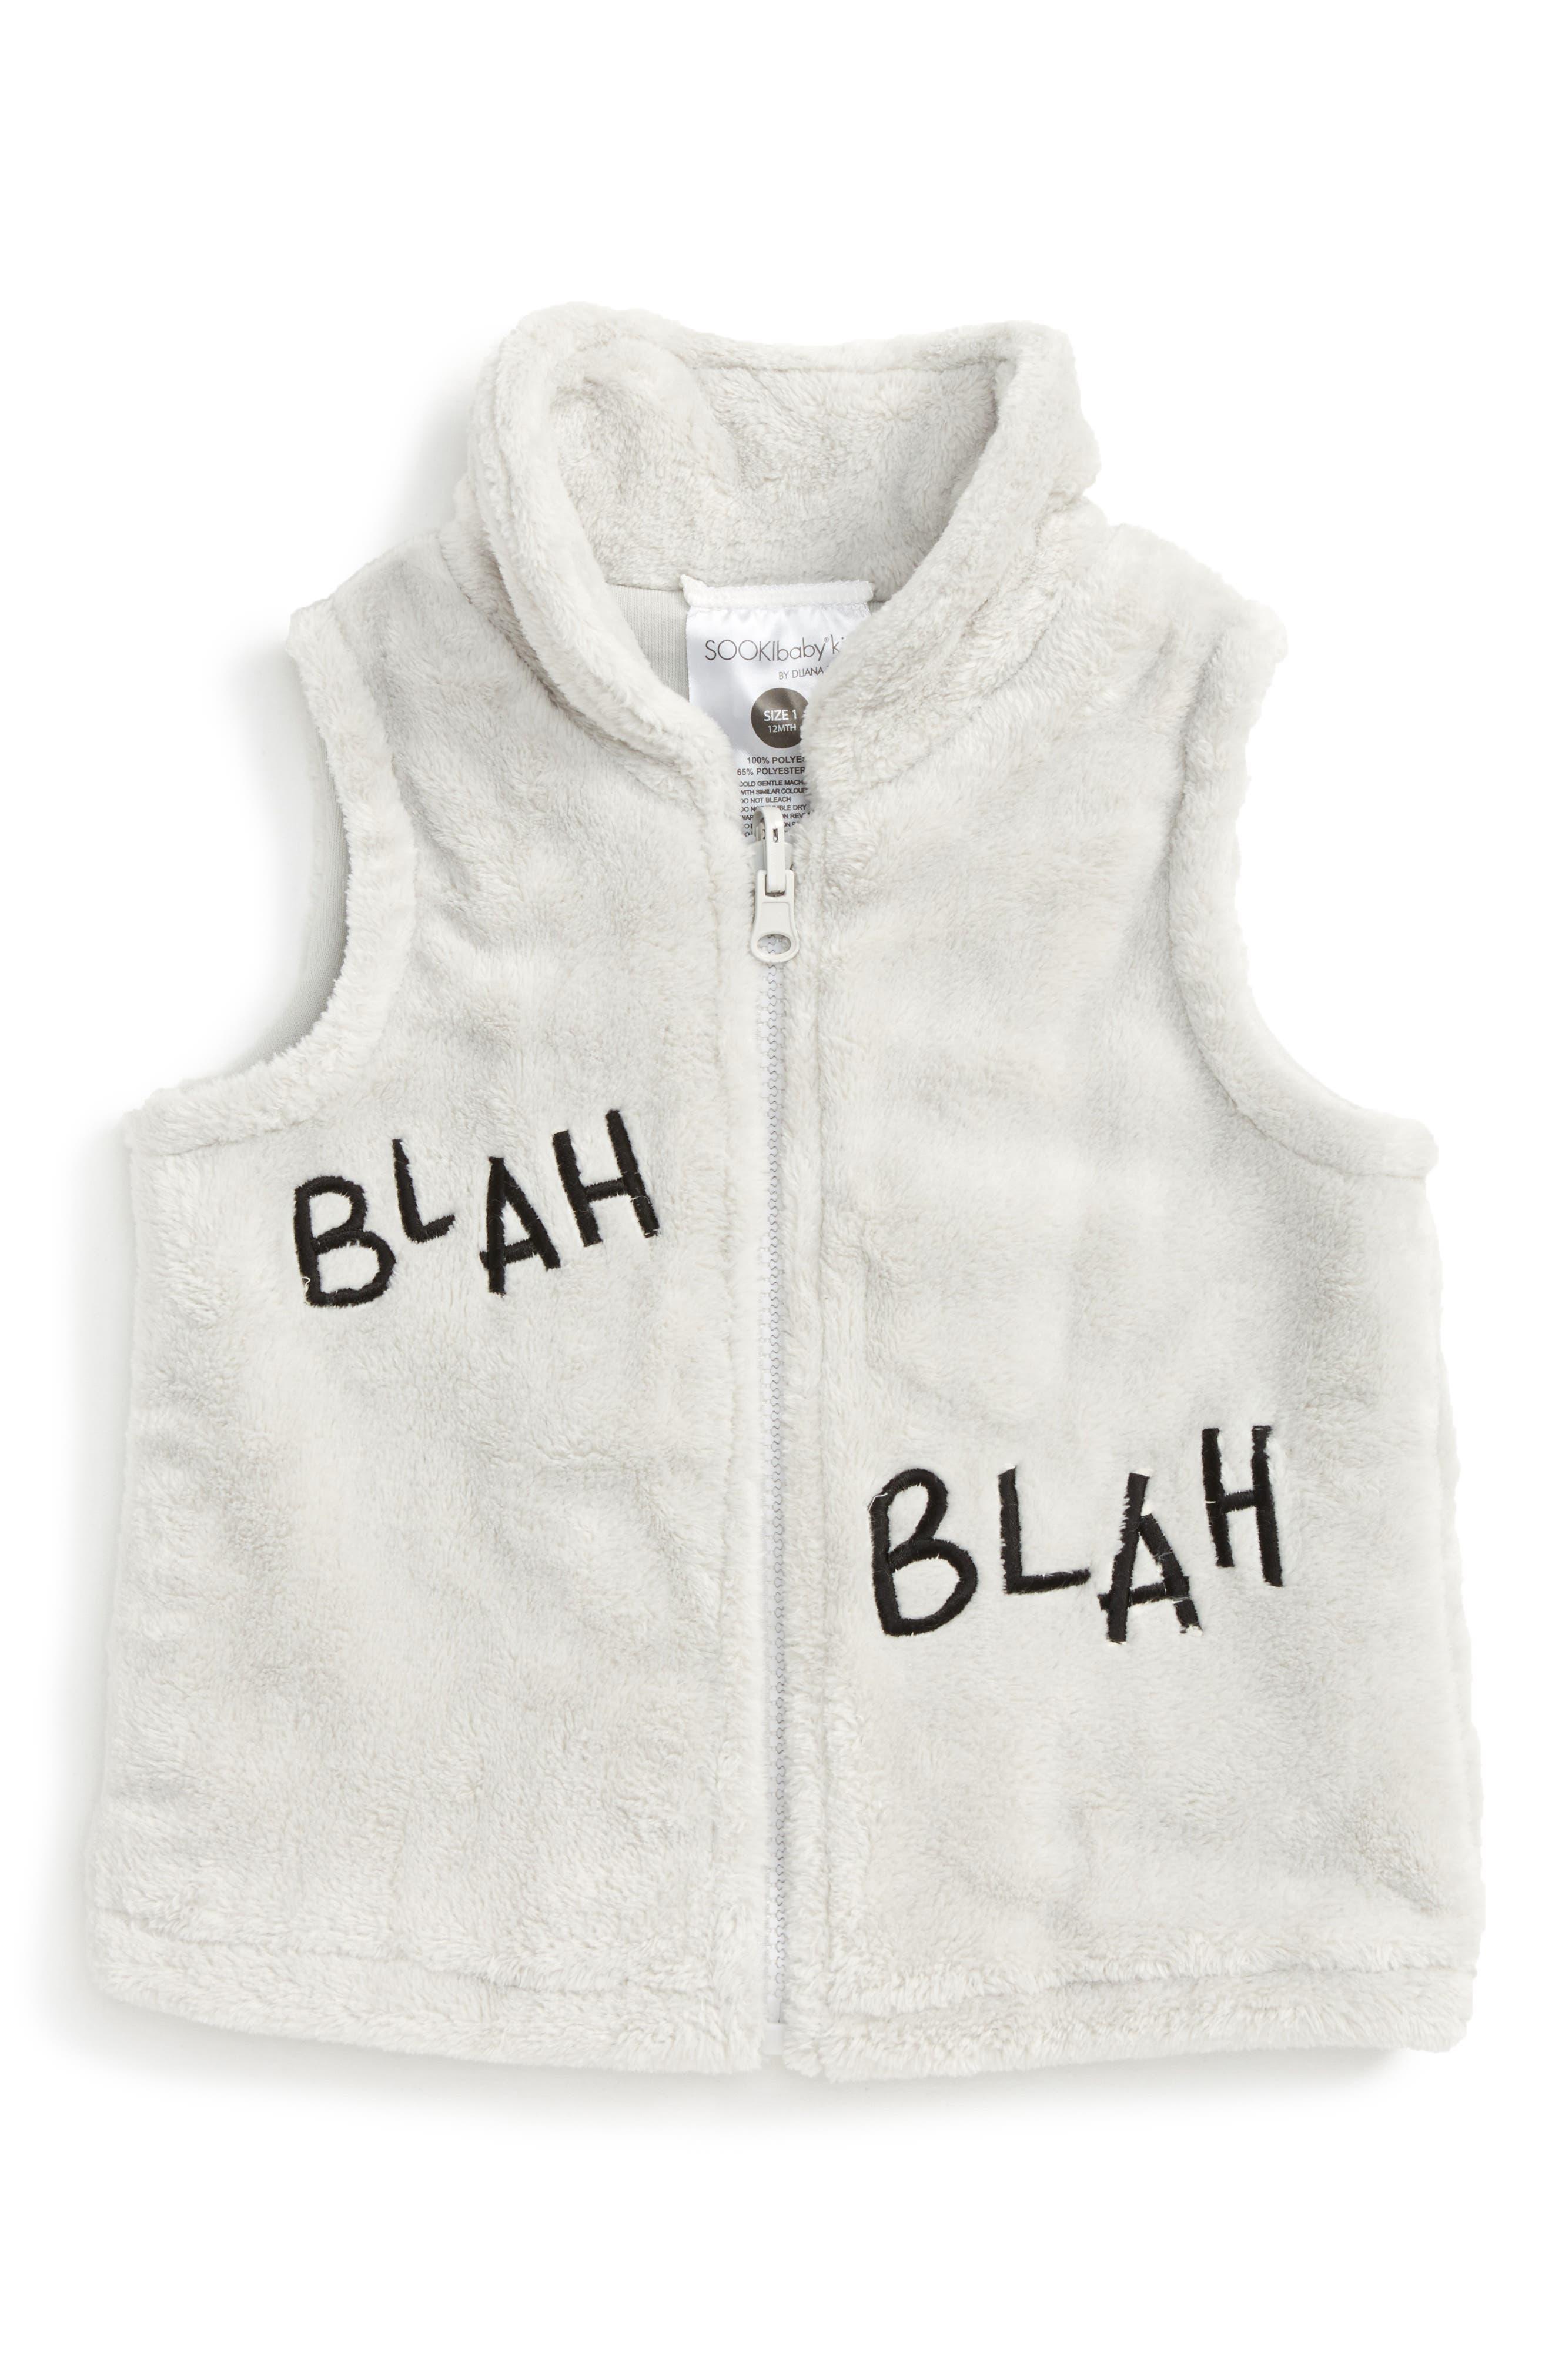 SOOKIbaby Blah Blah Blah Fleece Vest (Baby)